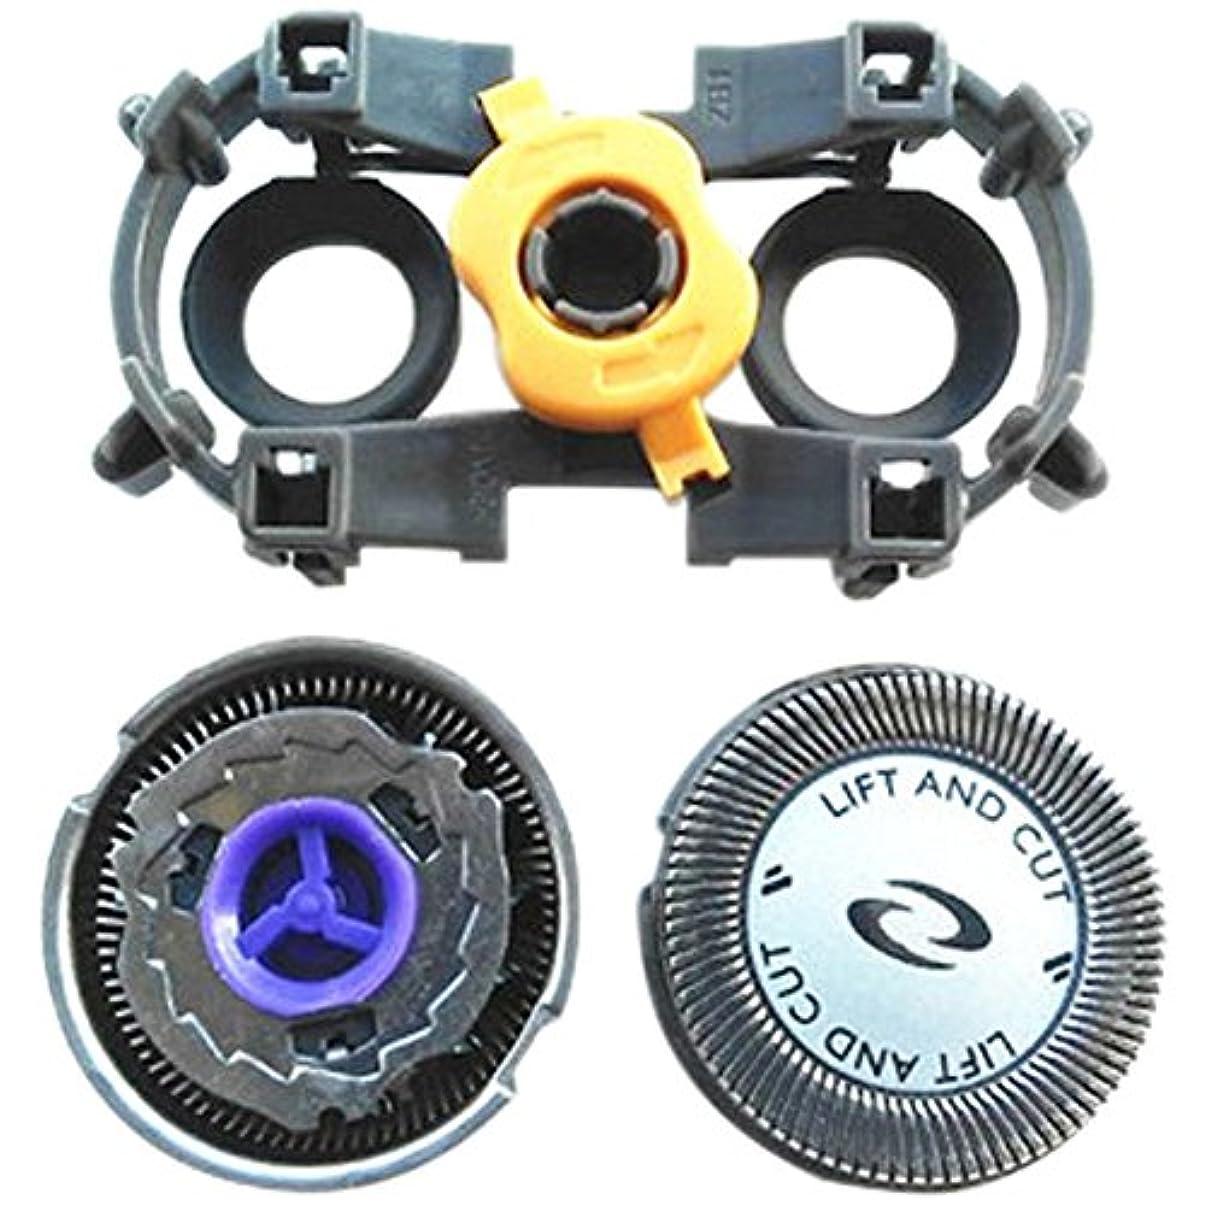 ぺディカブアライメント反応するHzjundasi 置換 シェーバー 頭 刃/キャリーバッグ/フォイル カッター HQ56 for Philips PQ210 PQ216